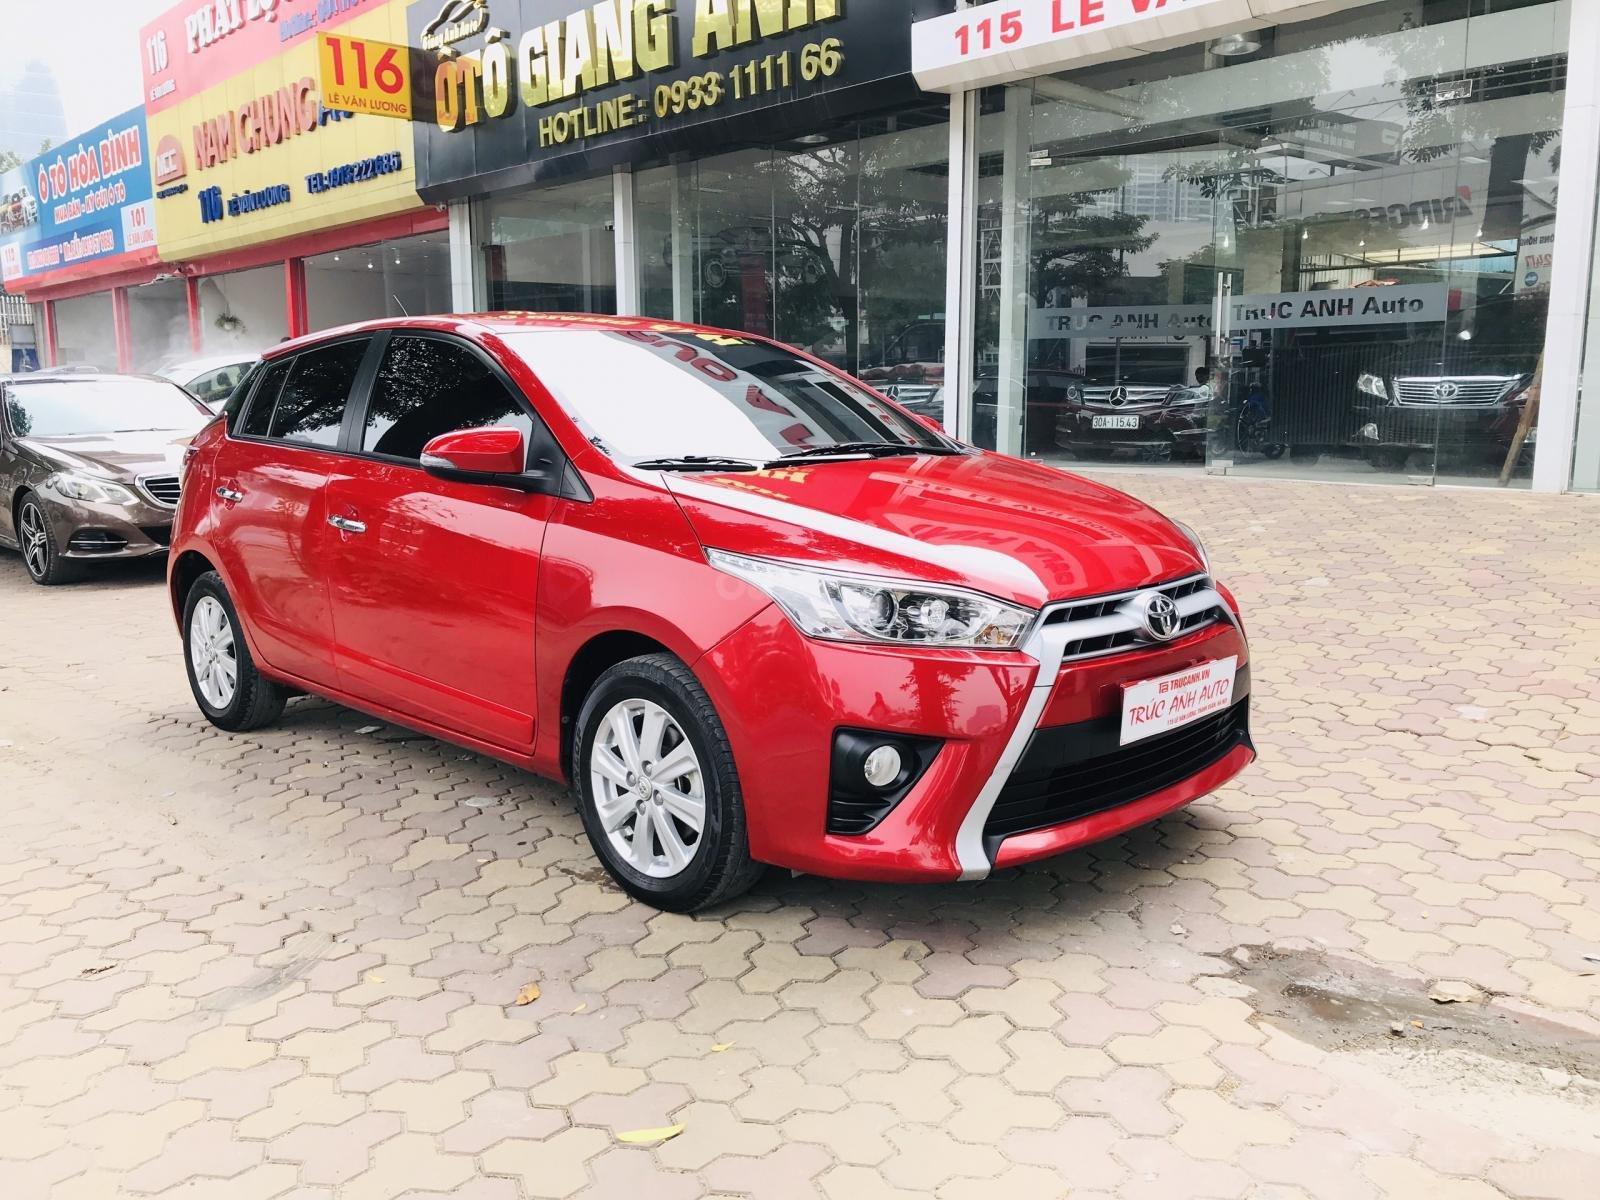 Cần bán Toyota Yaris 1.5 G sản xuất 2017, màu đỏ, xe nhập (5)